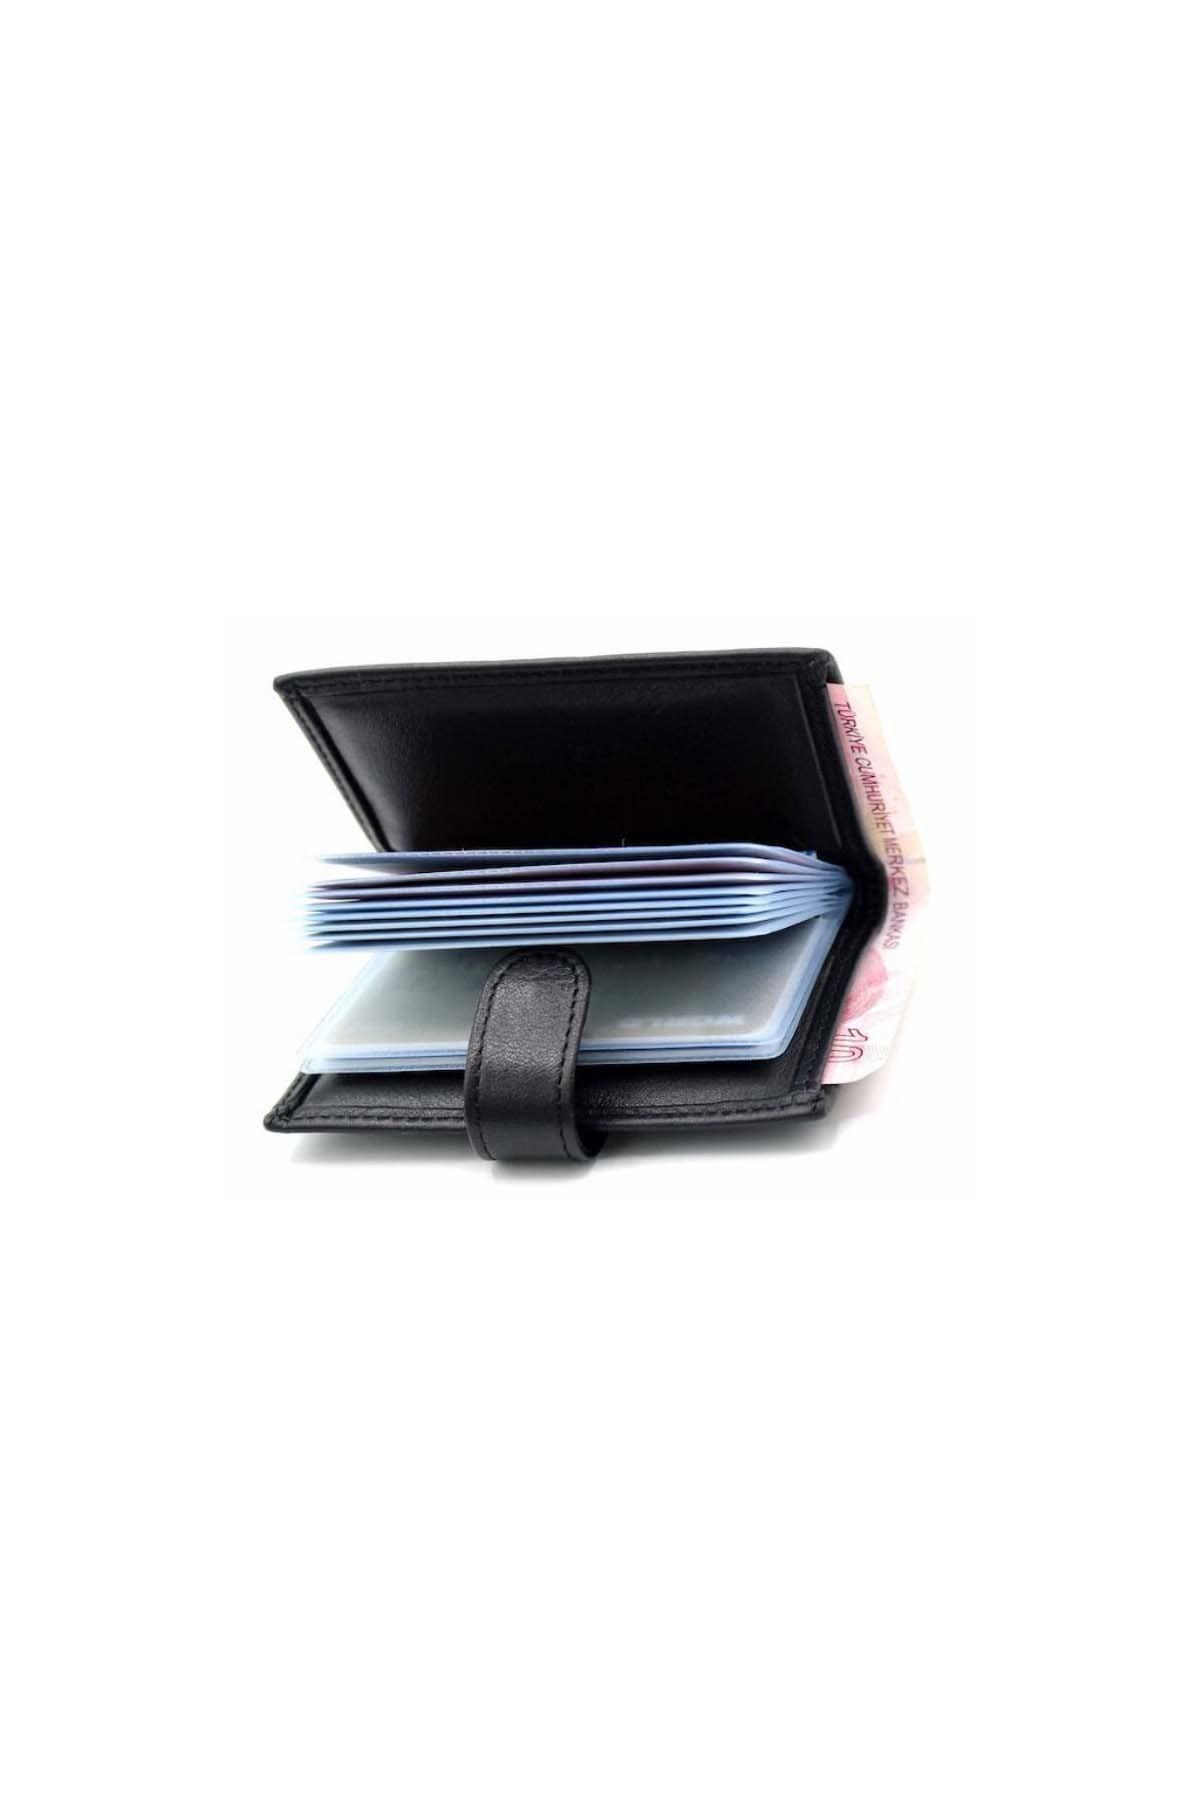 WEST POLO CÜZDAN Kahverengi Erkek Deri Patlı Kağıt Para Gözlü Şeffaf Kartlık WP3068 1